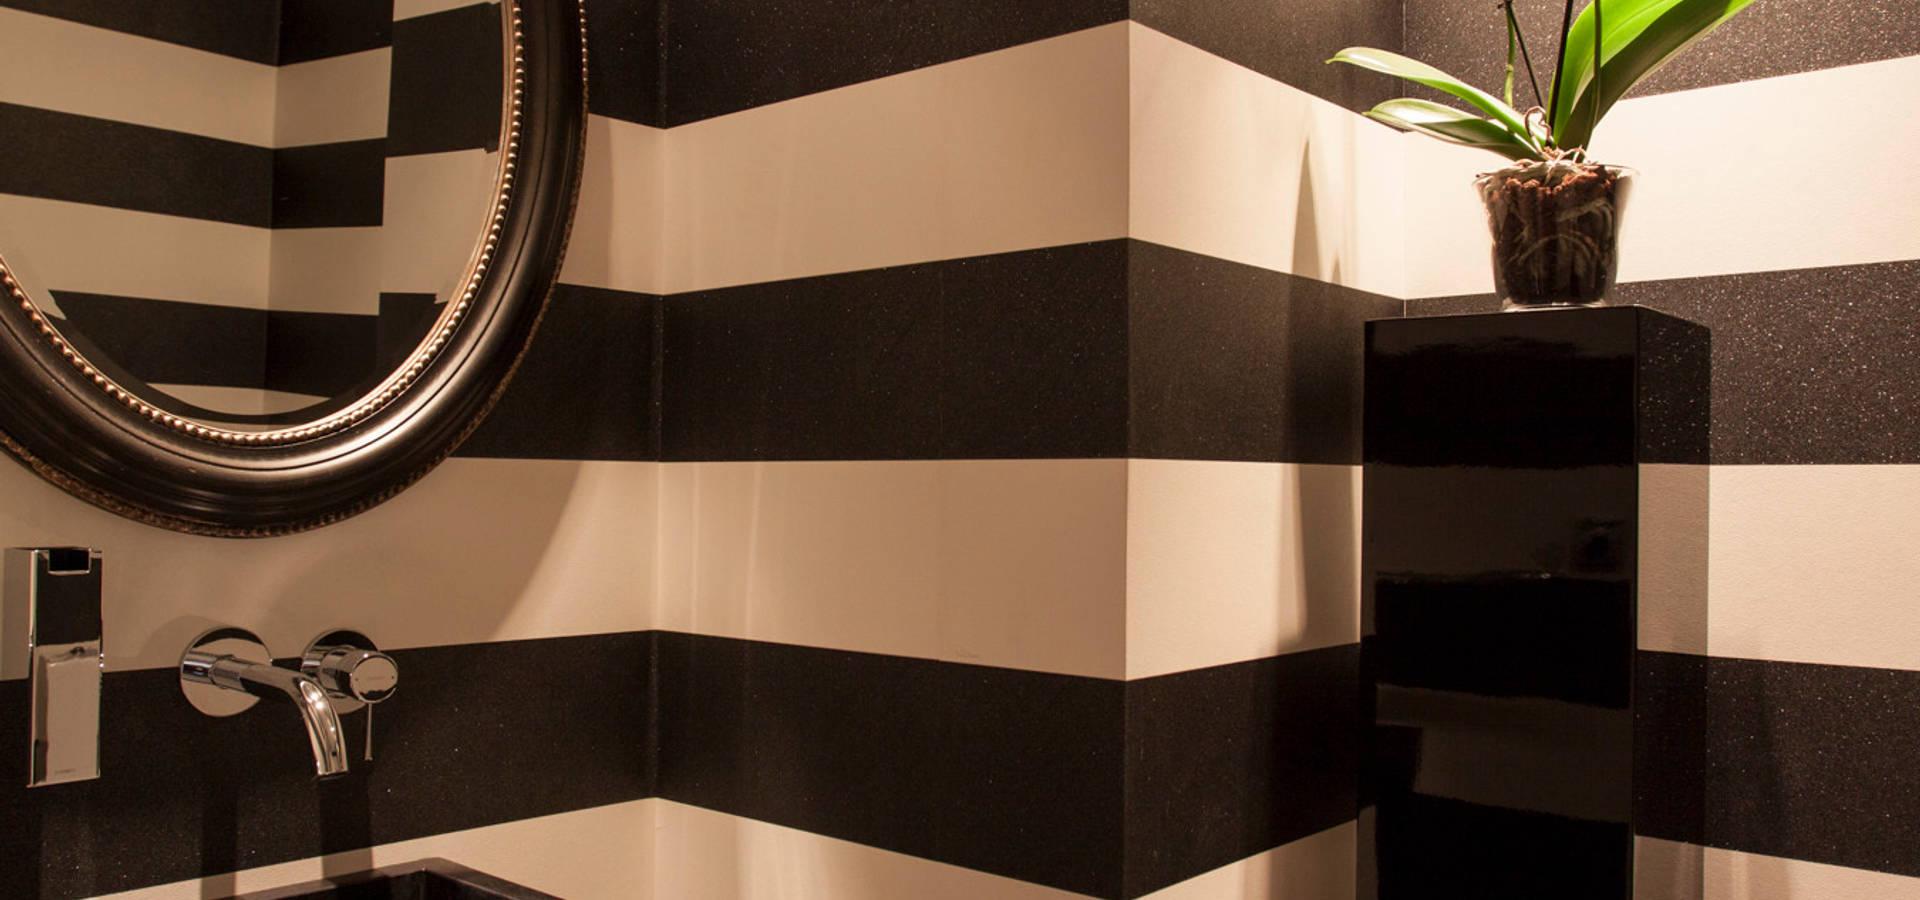 Magenta interiorismo decoradores y dise adores de - Decoradores en murcia ...